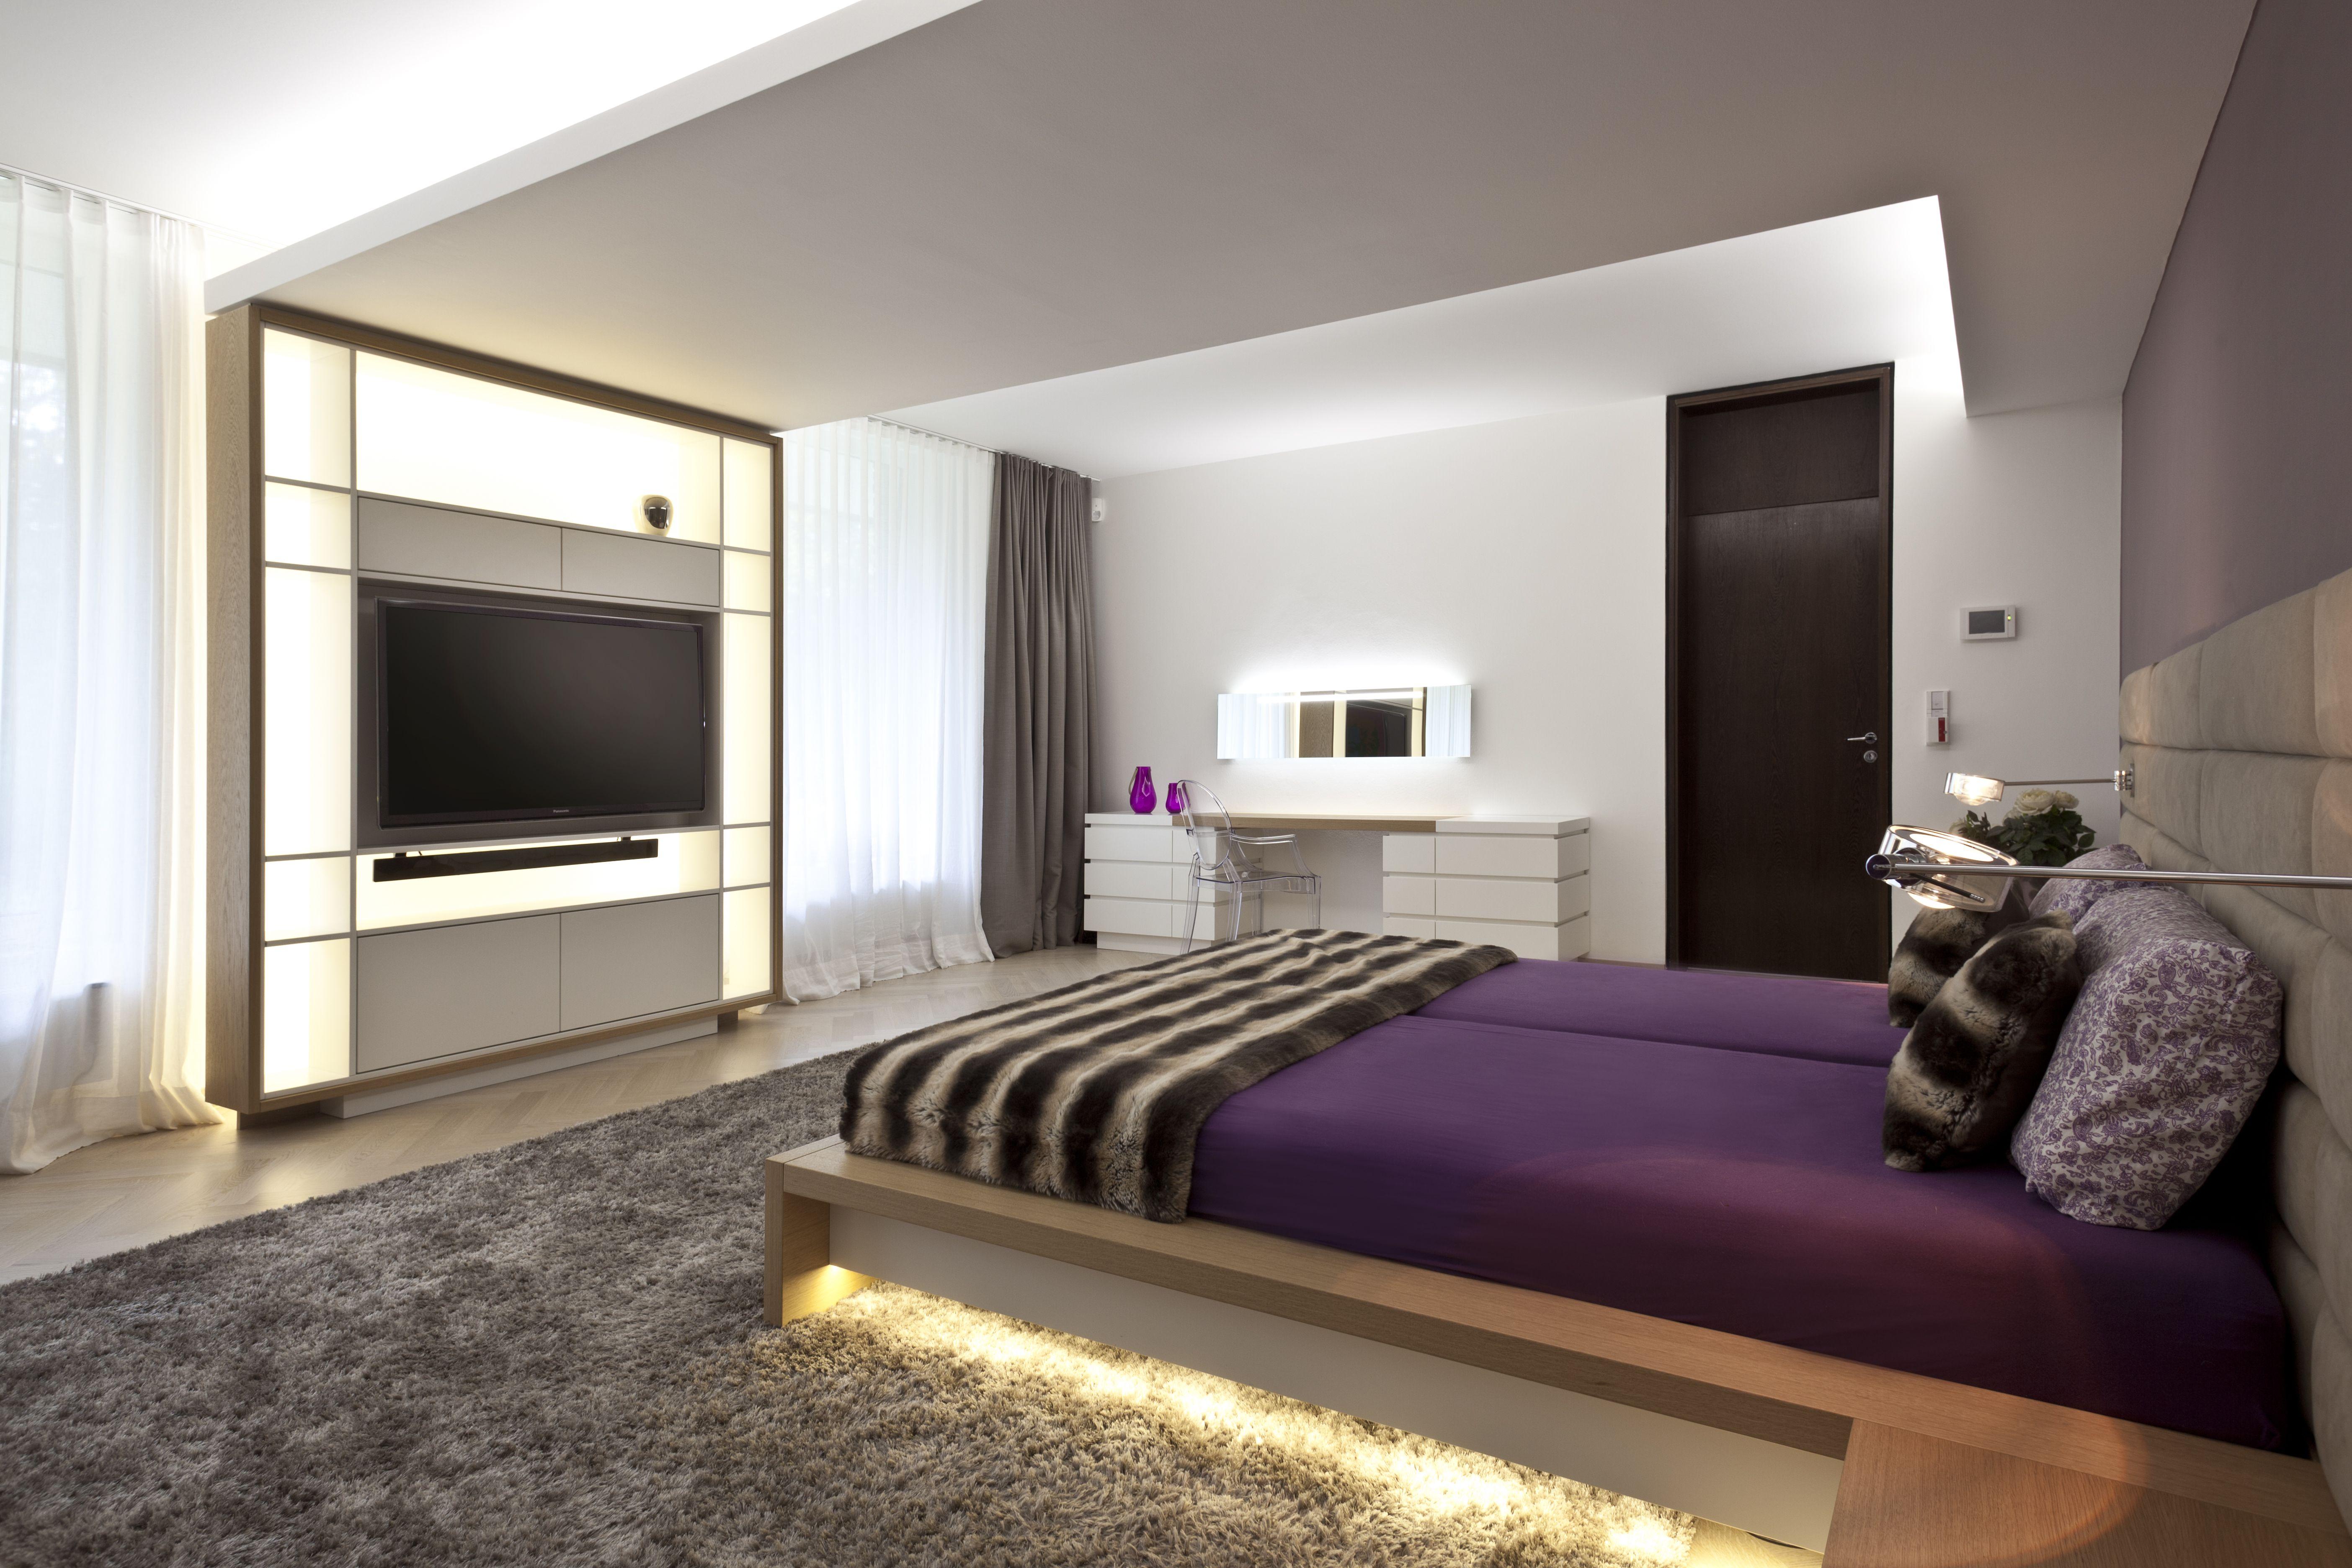 Schlafzimmergestaltung   Interior design, Interior, Home